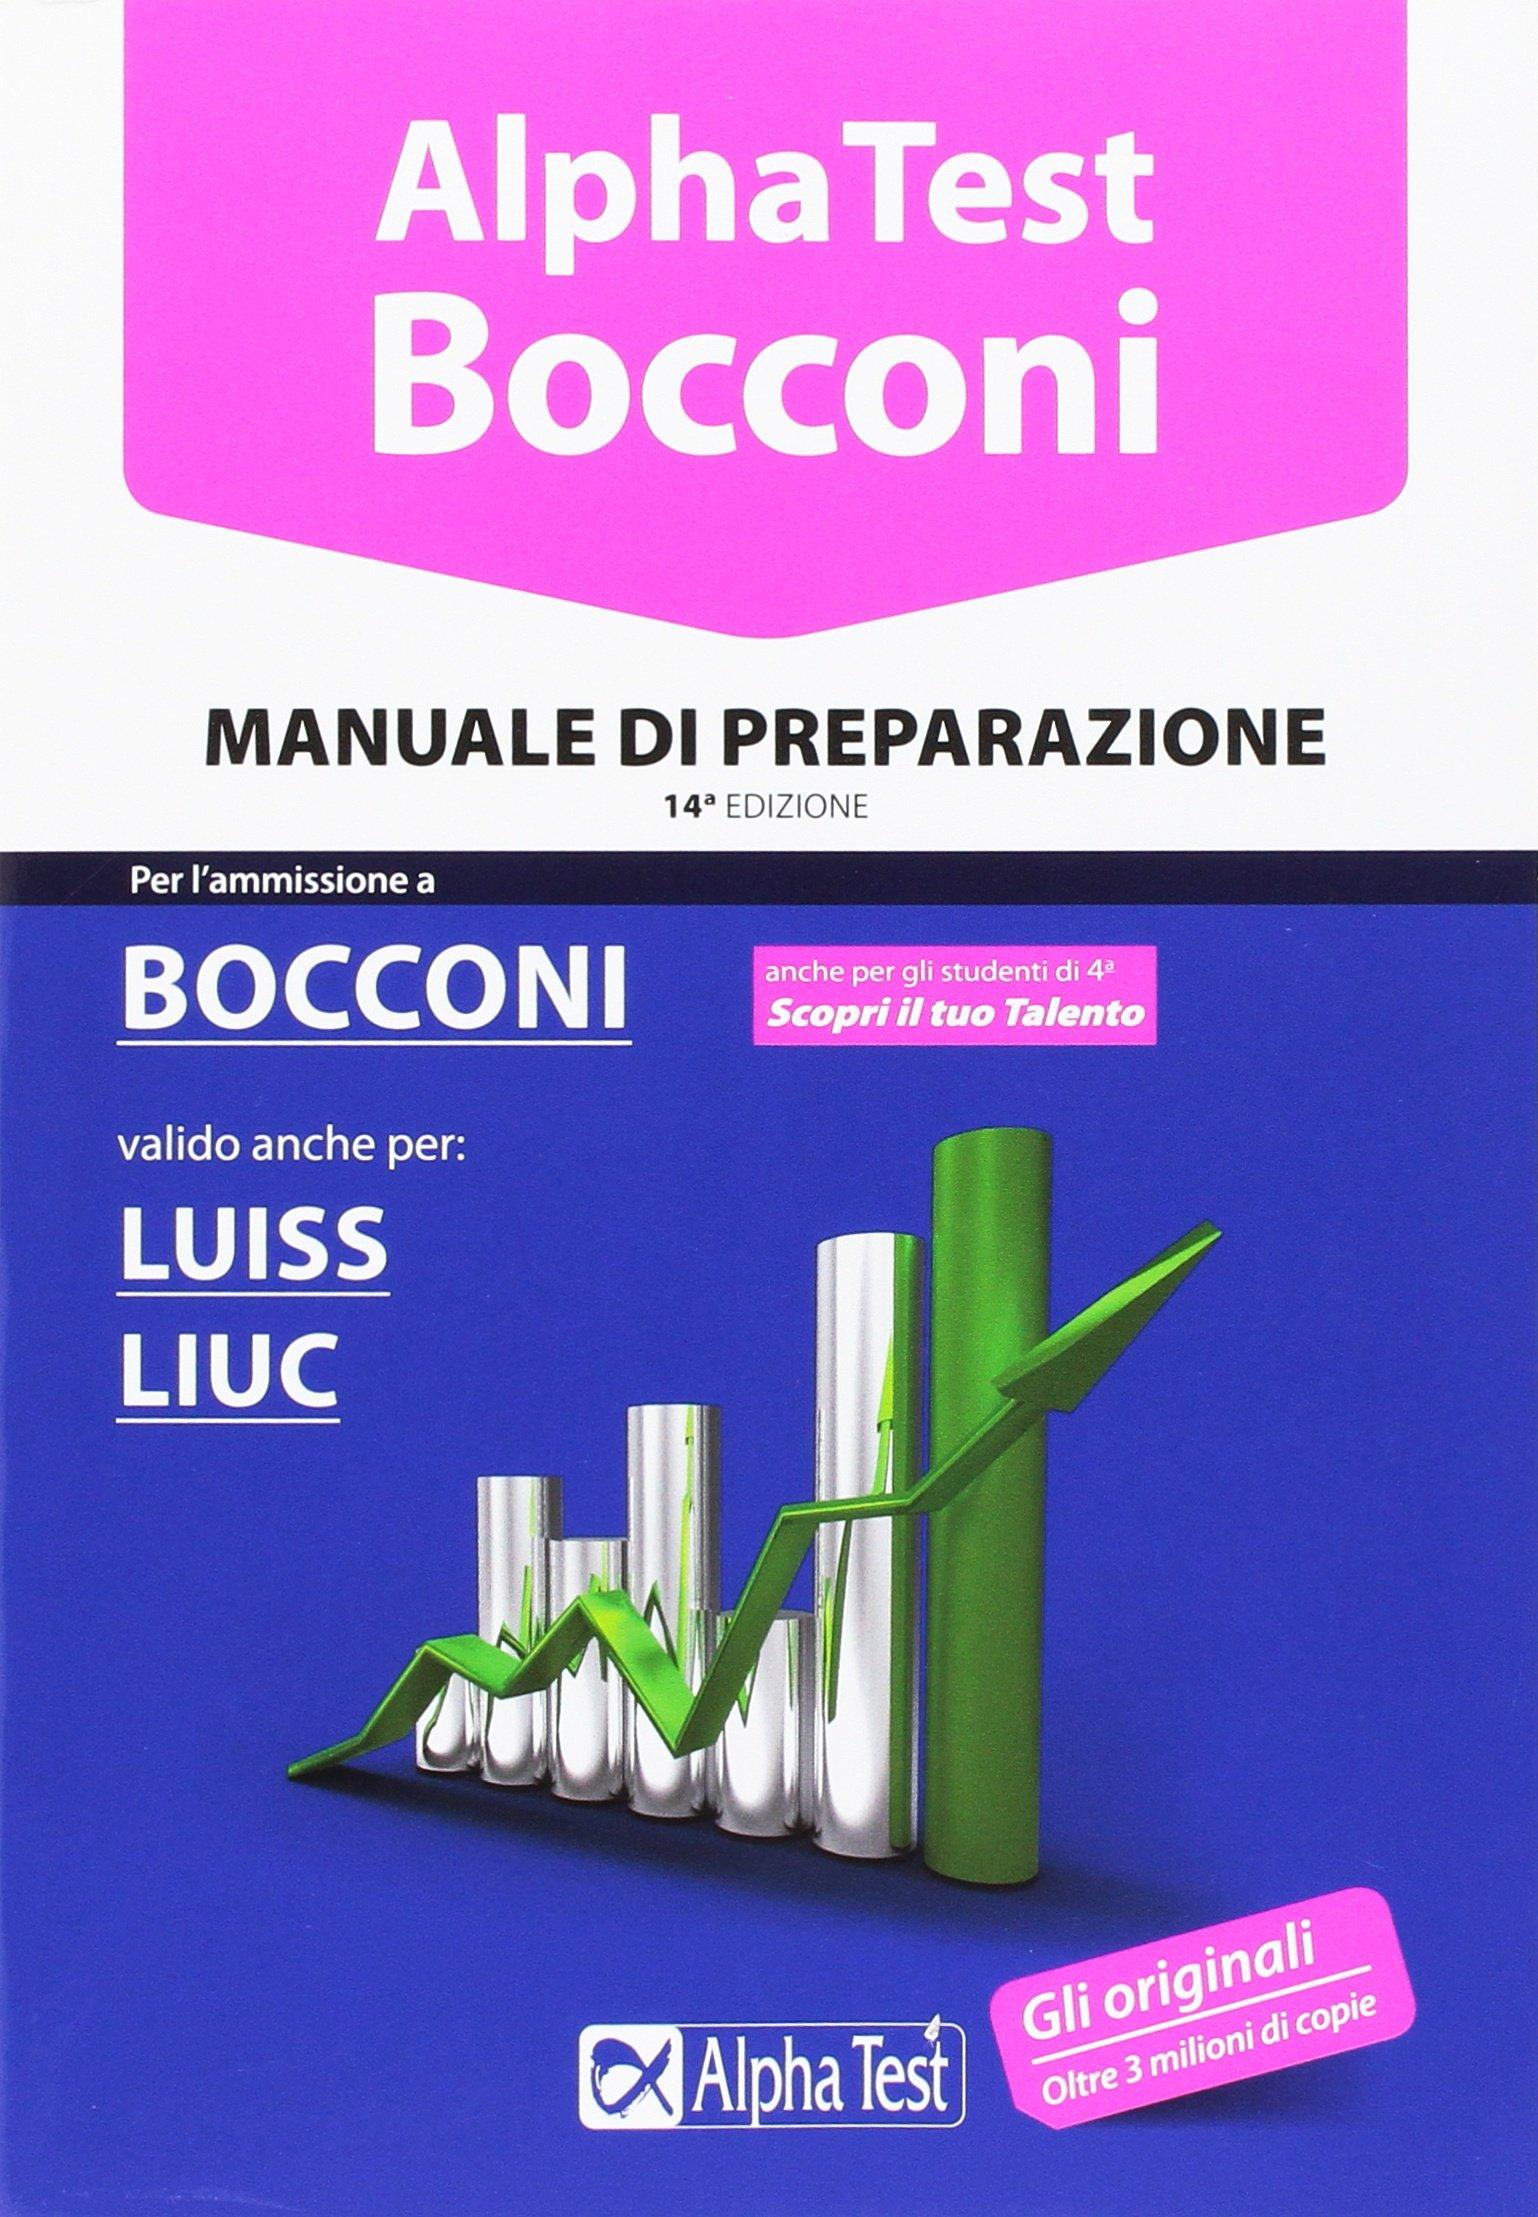 ALPHA TEST Bocconi Luiss Liuc MANUALE DI PREPARAZIONE